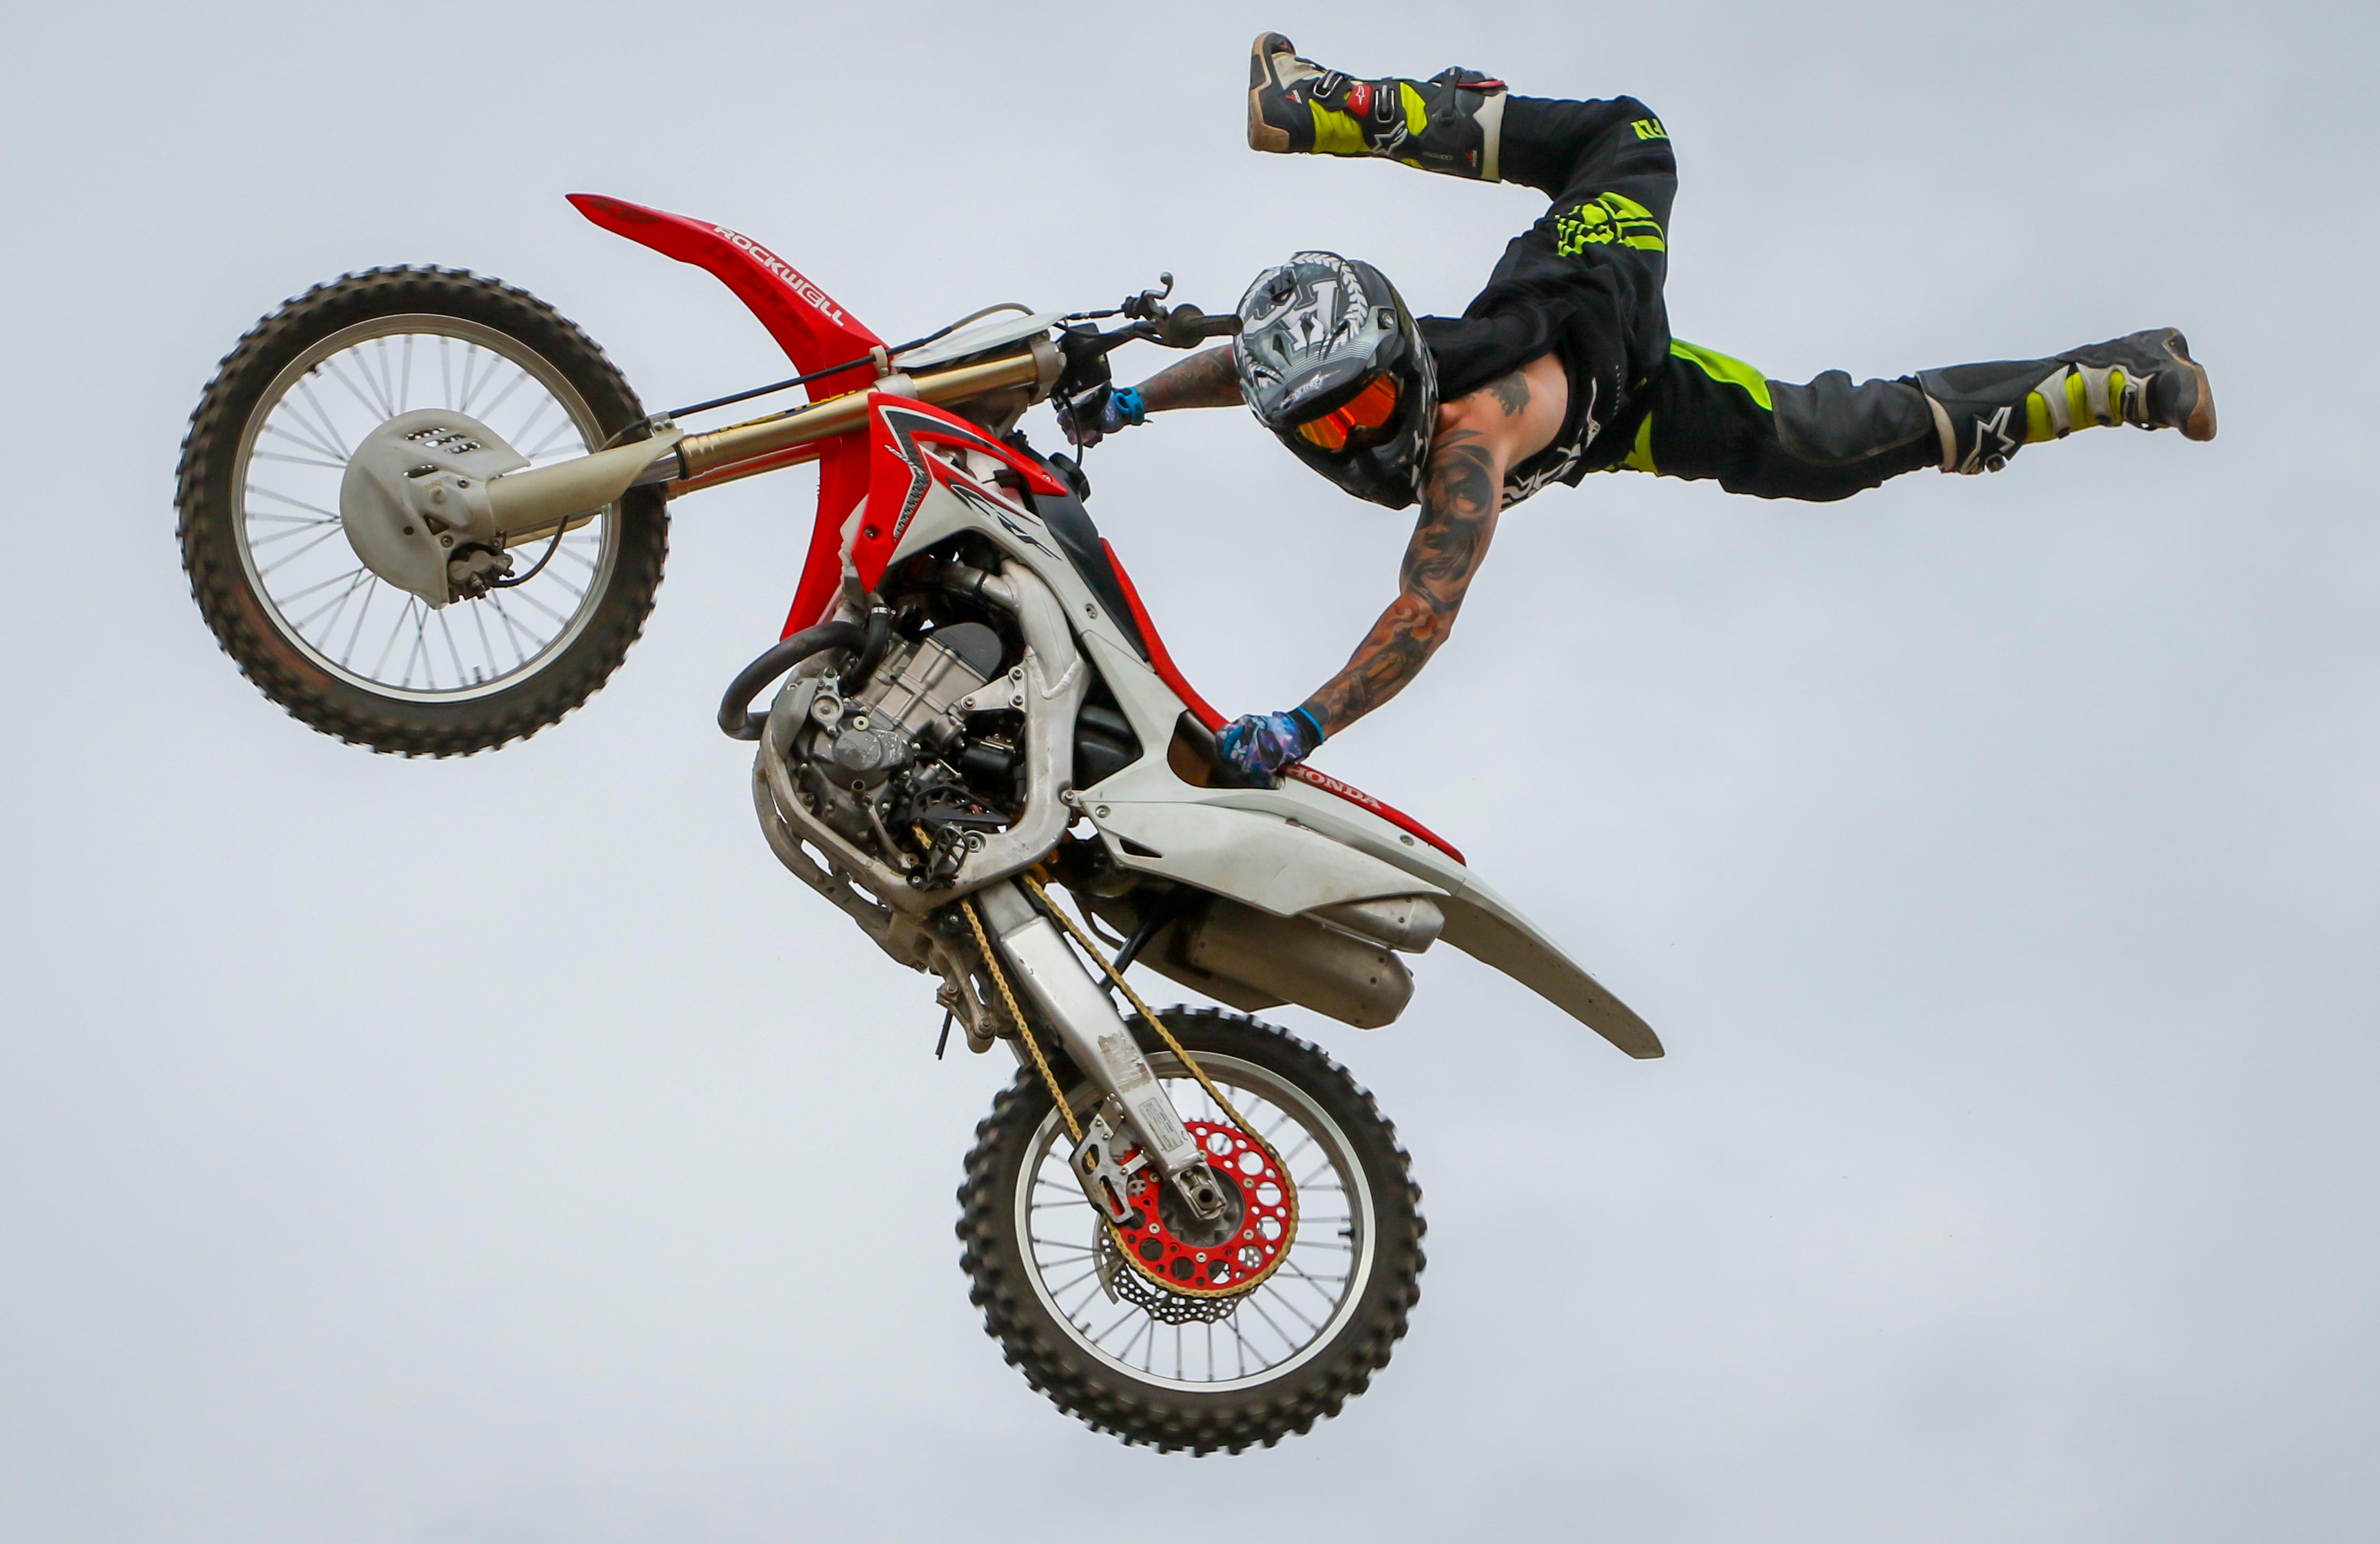 Foto Stok Gratis Tentang Akrobat Terbang Balap Motor Balap Sepeda